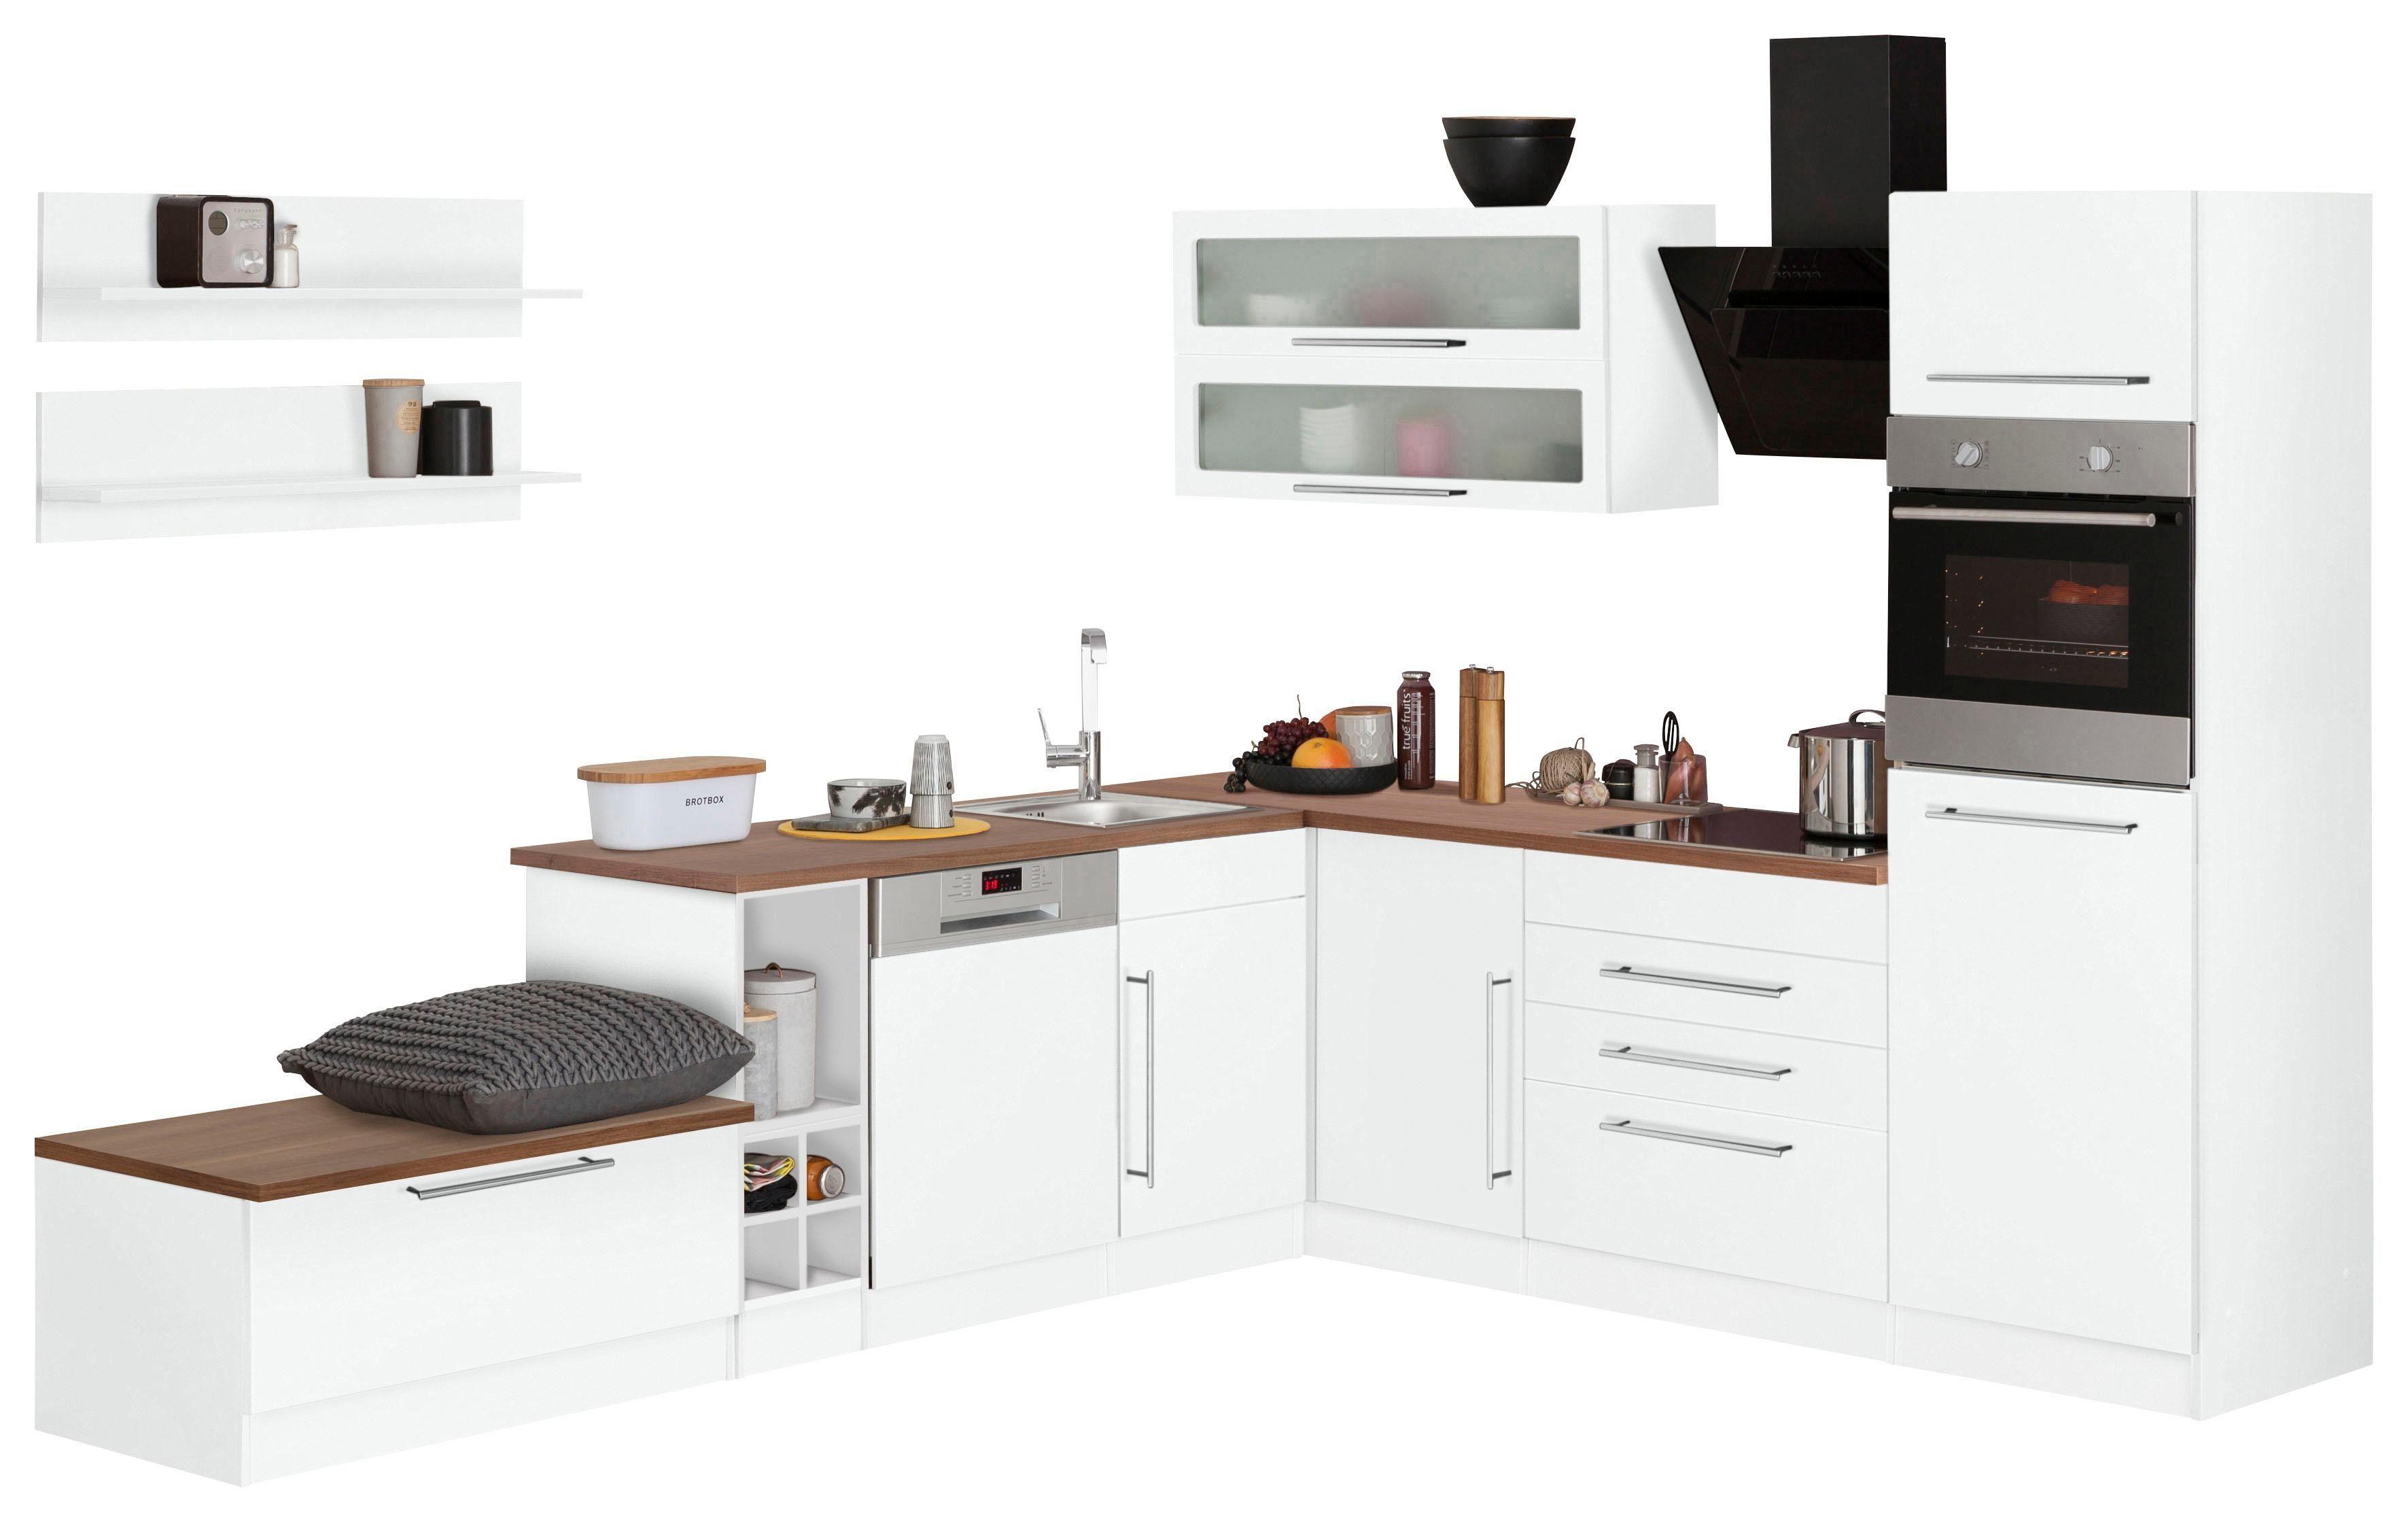 Held MÖbel Winkelküche Samos Ohne E Geräte Stellbreite 300 X 250 Cm Von Baur Winkelküche Held Möbel Küchenschrank